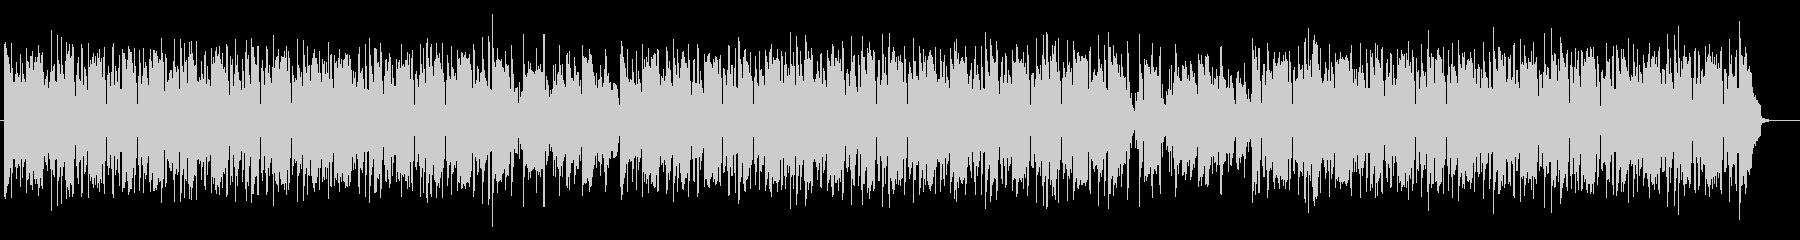 スウィングのリズムのポップスの未再生の波形